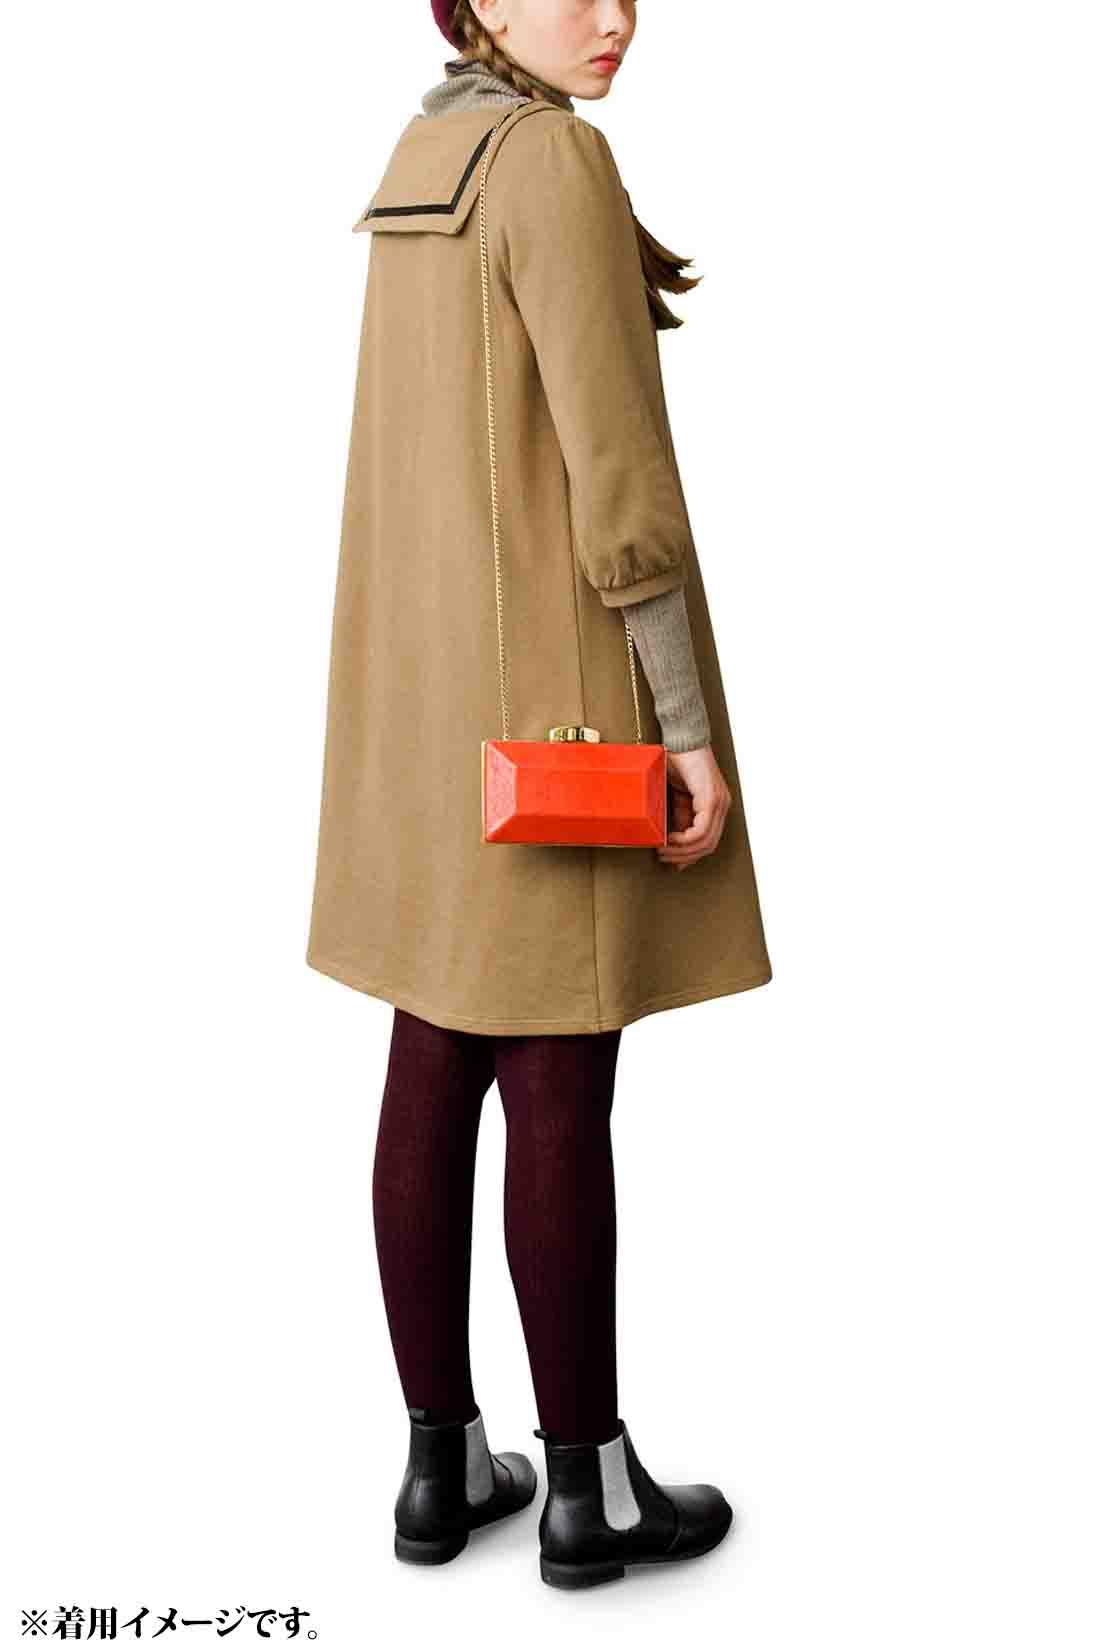 後ろ衿はちょっぴり小さめだよ。 ※着用イメージです。お届けするカラーとは異なります。